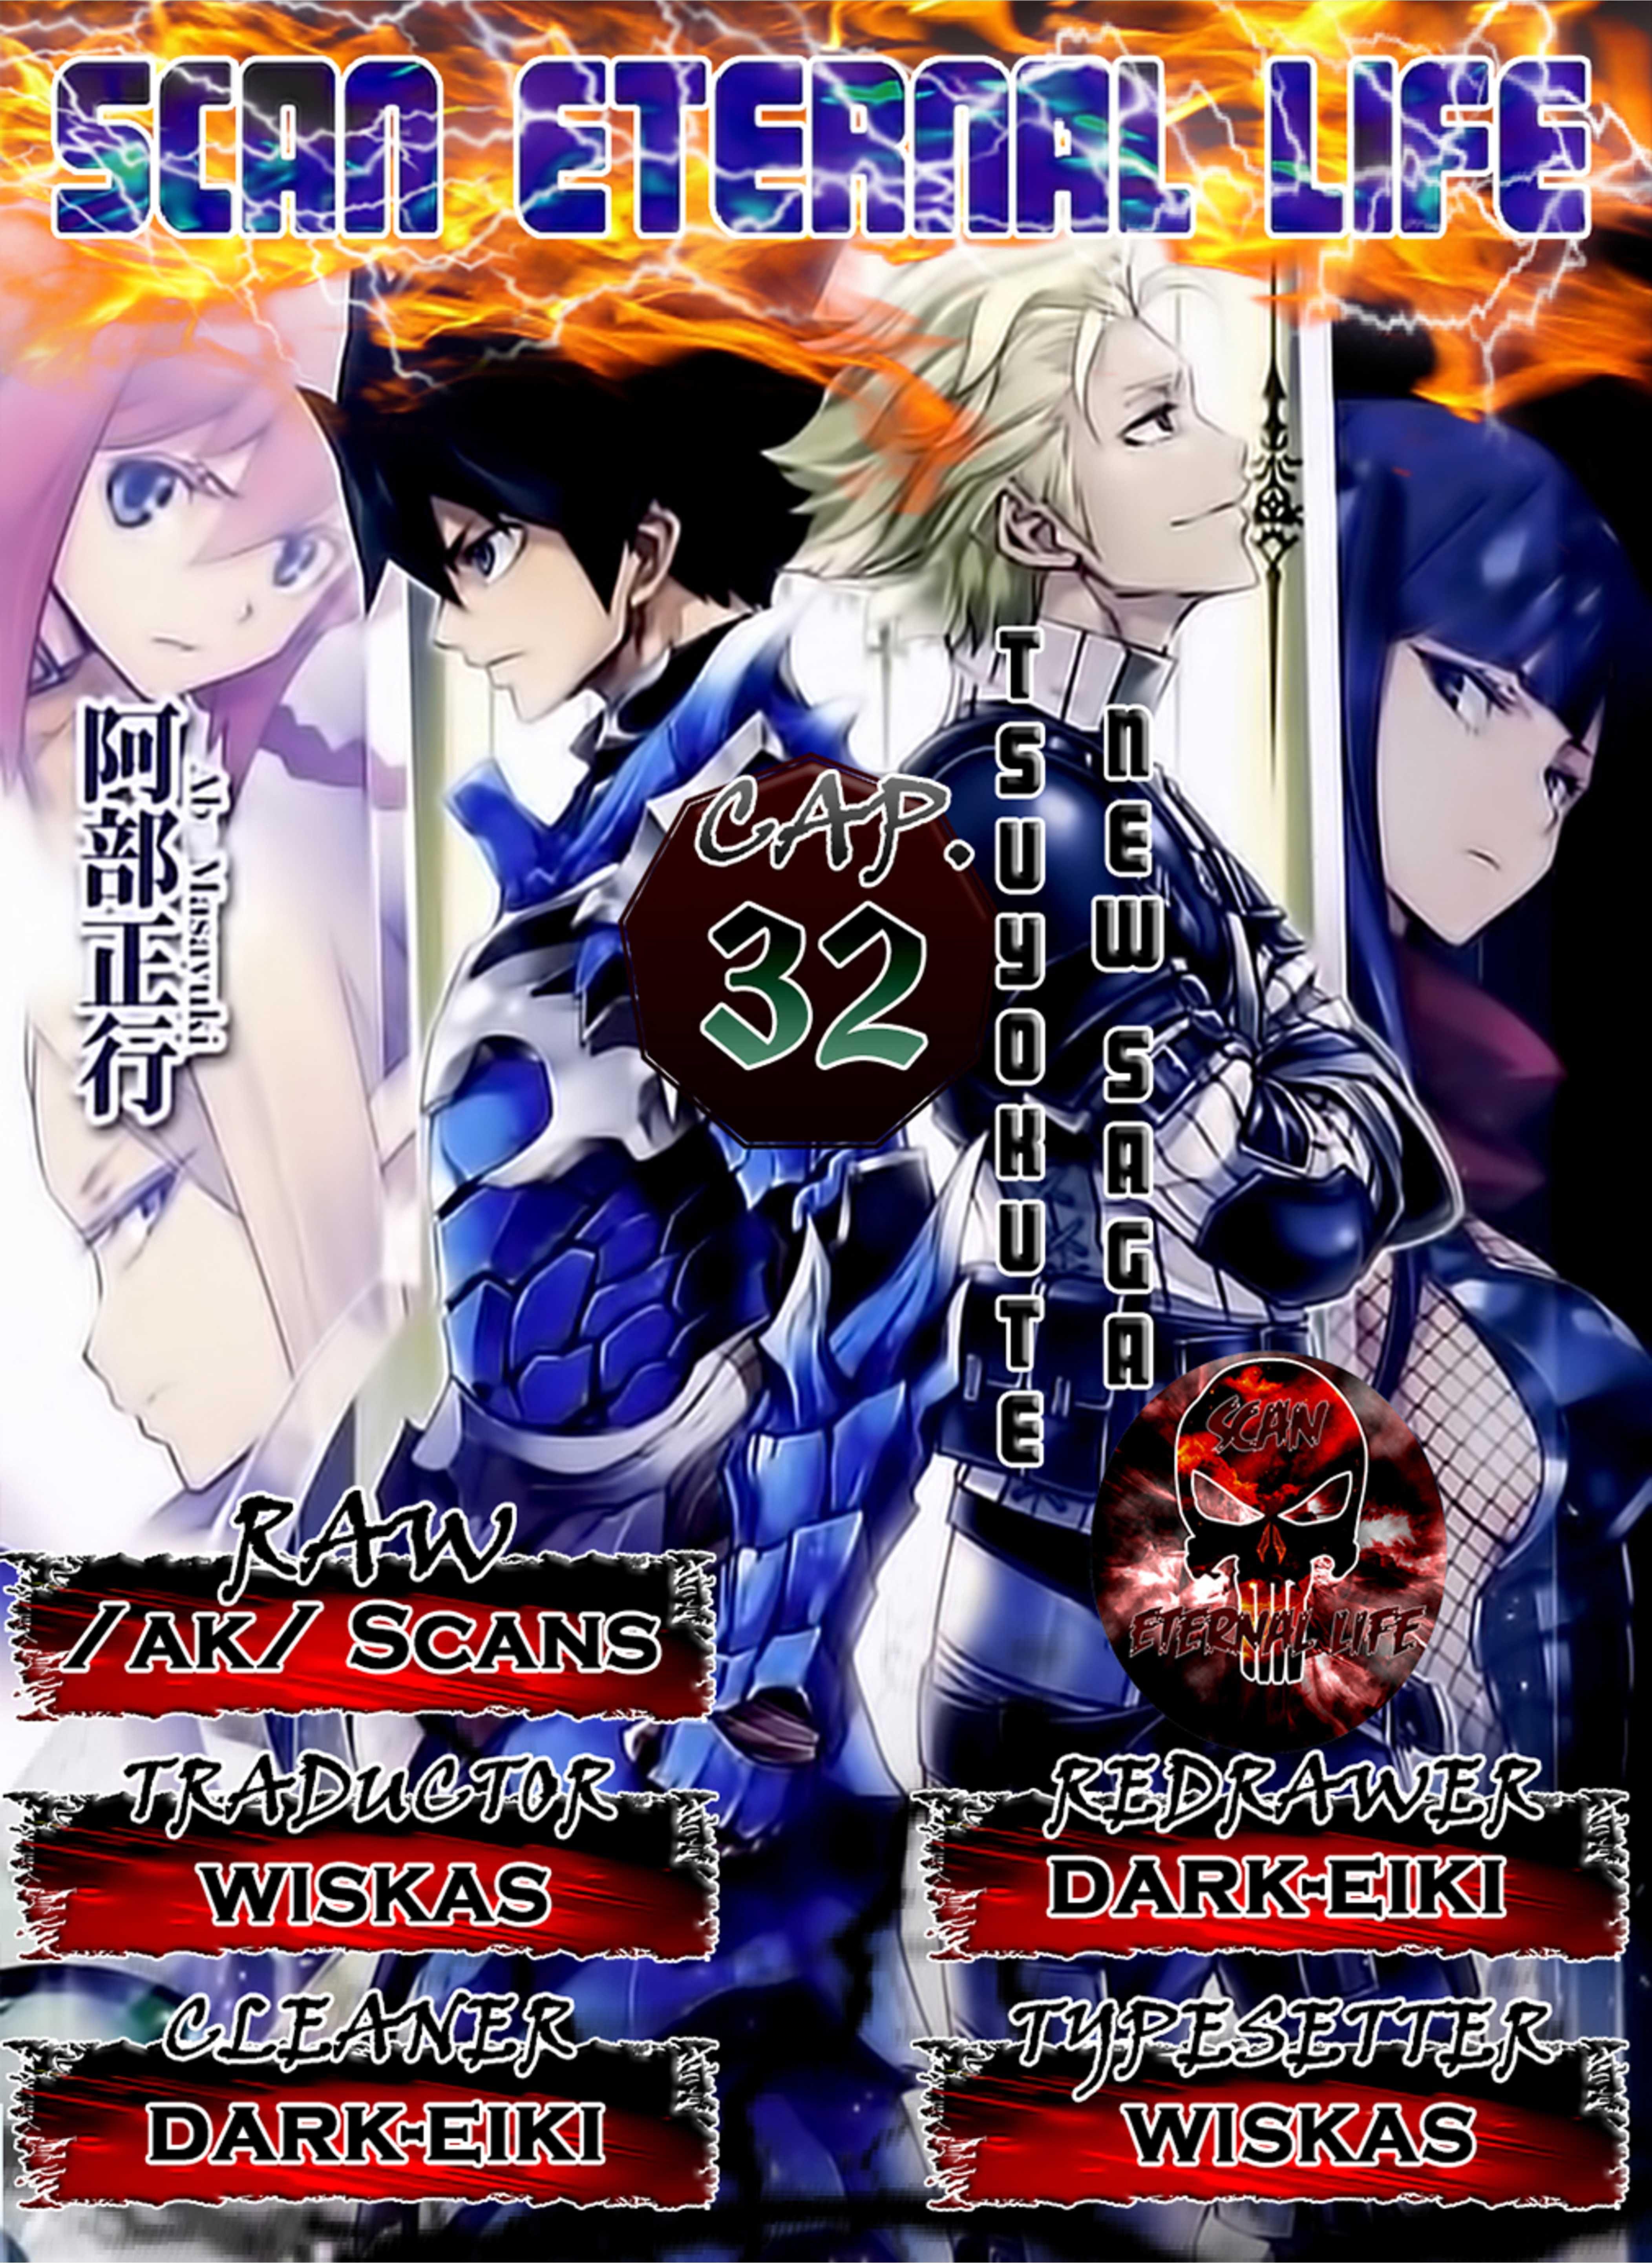 https://c5.ninemanga.com/es_manga/pic2/61/14781/523713/76c13418338ed0285c2b8b9ebb9cec4a.jpg Page 1